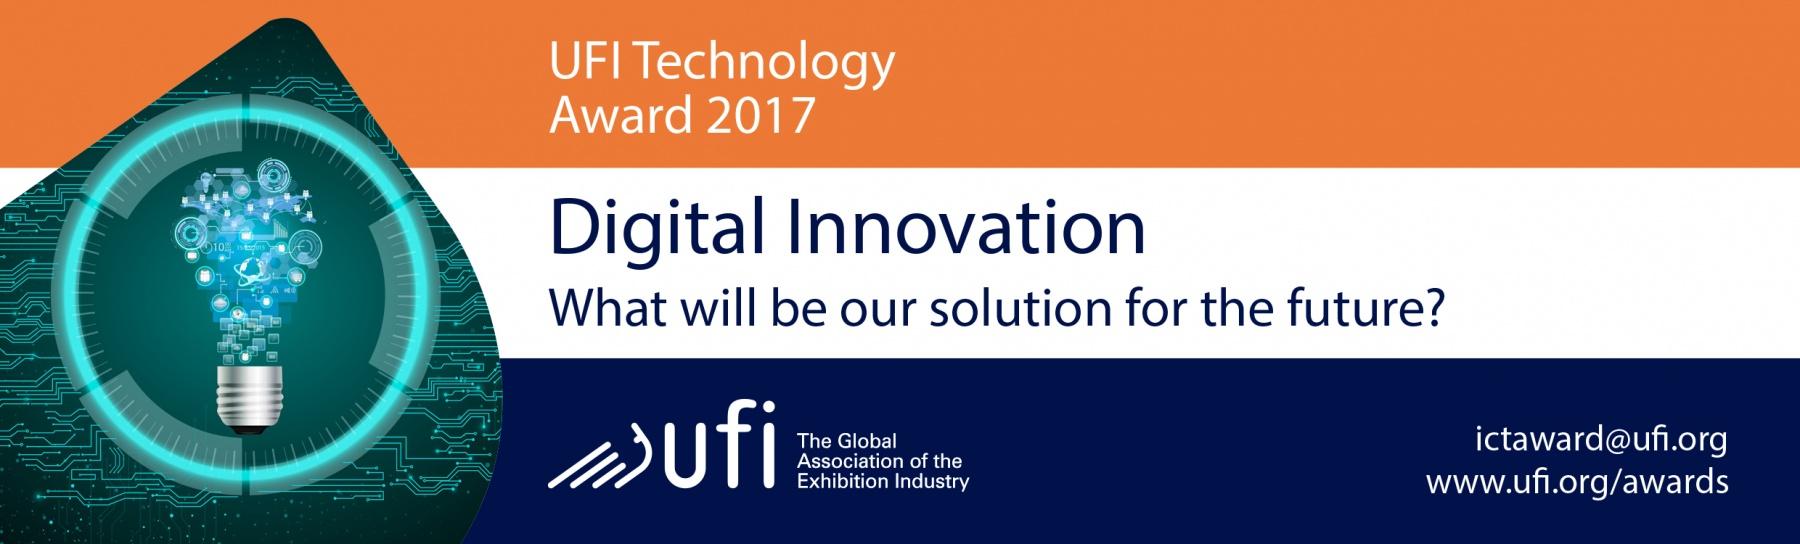 ICT banner 2017